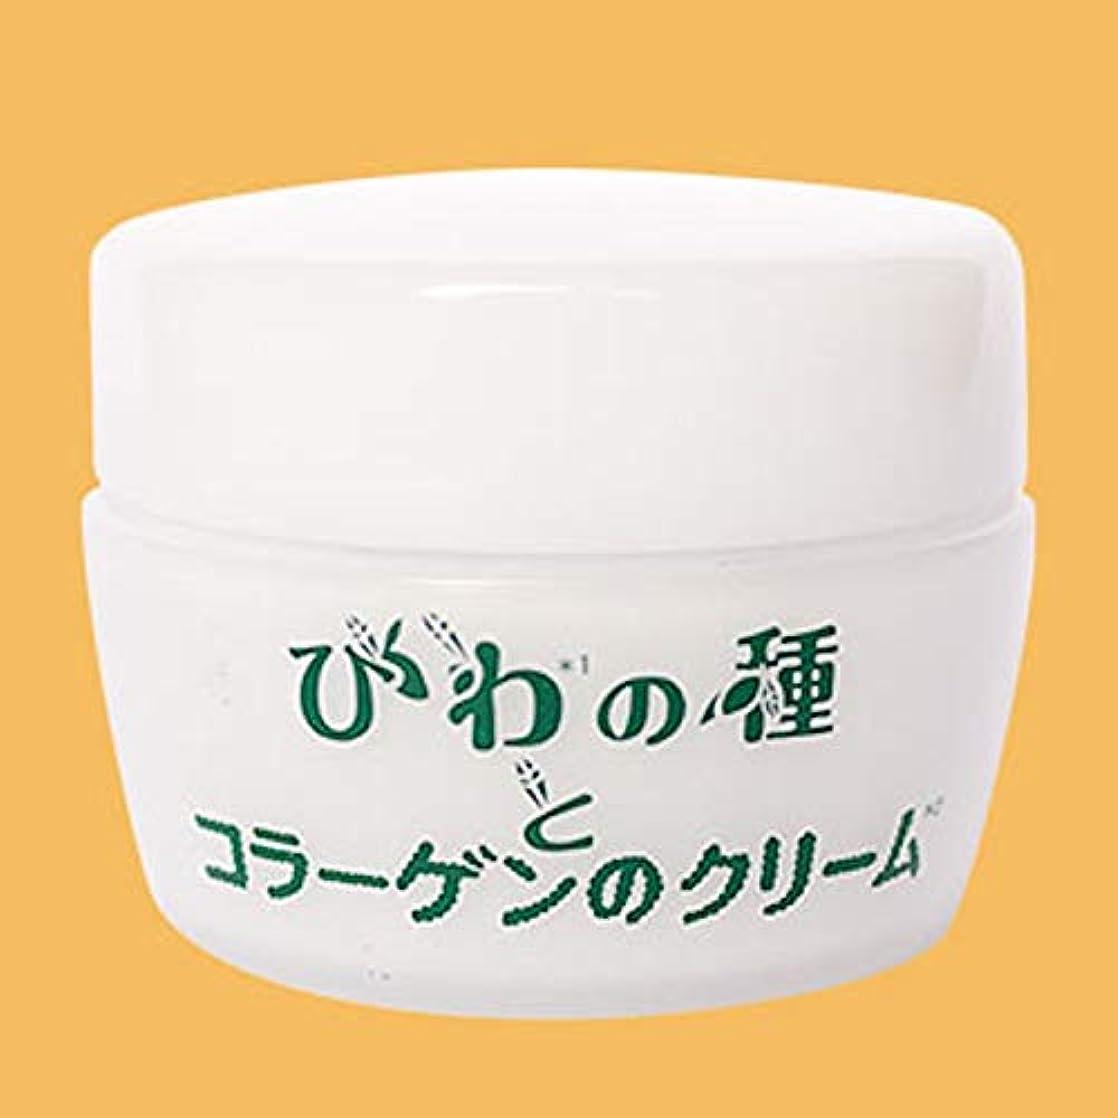 収容する誘惑ステープル入来屋 びわの種とコラーゲンのクリーム 50g